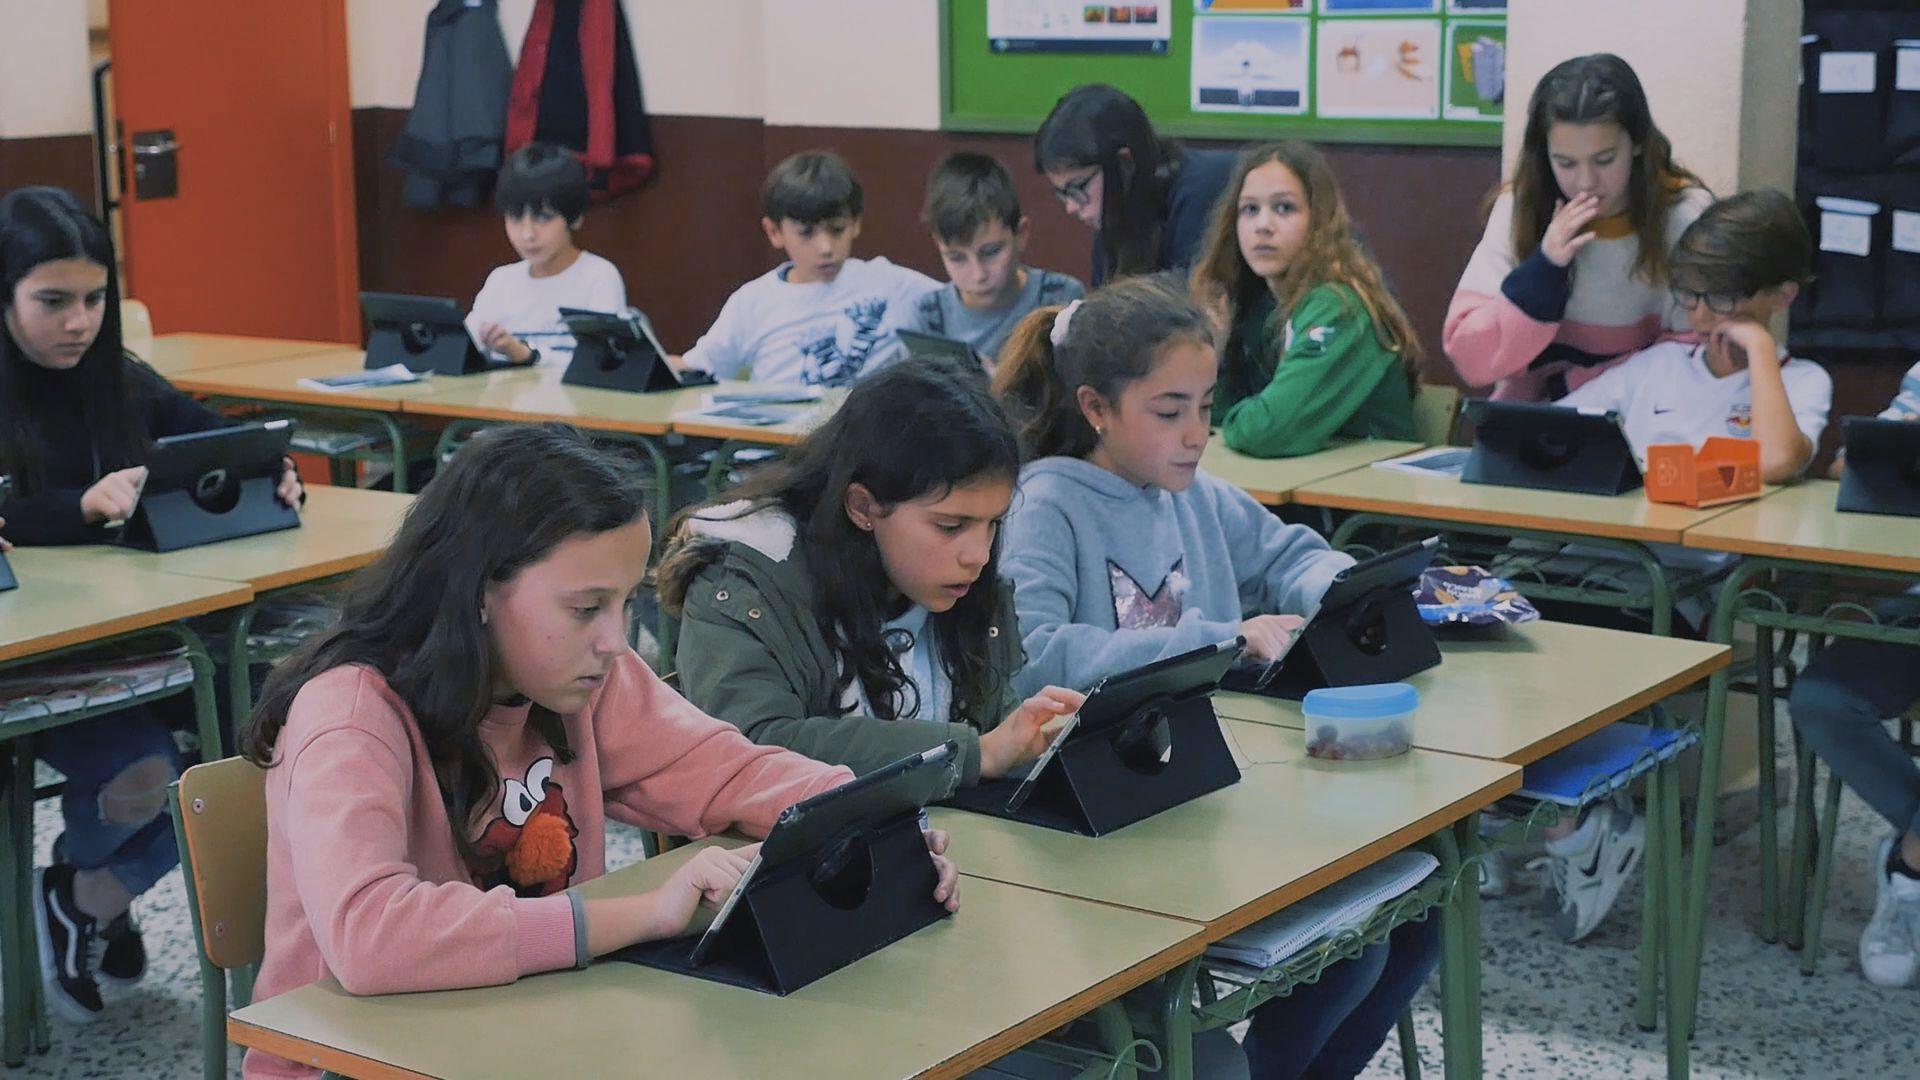 Muchas de las alumnas de este colegio quieren ser ingenieras informáticas